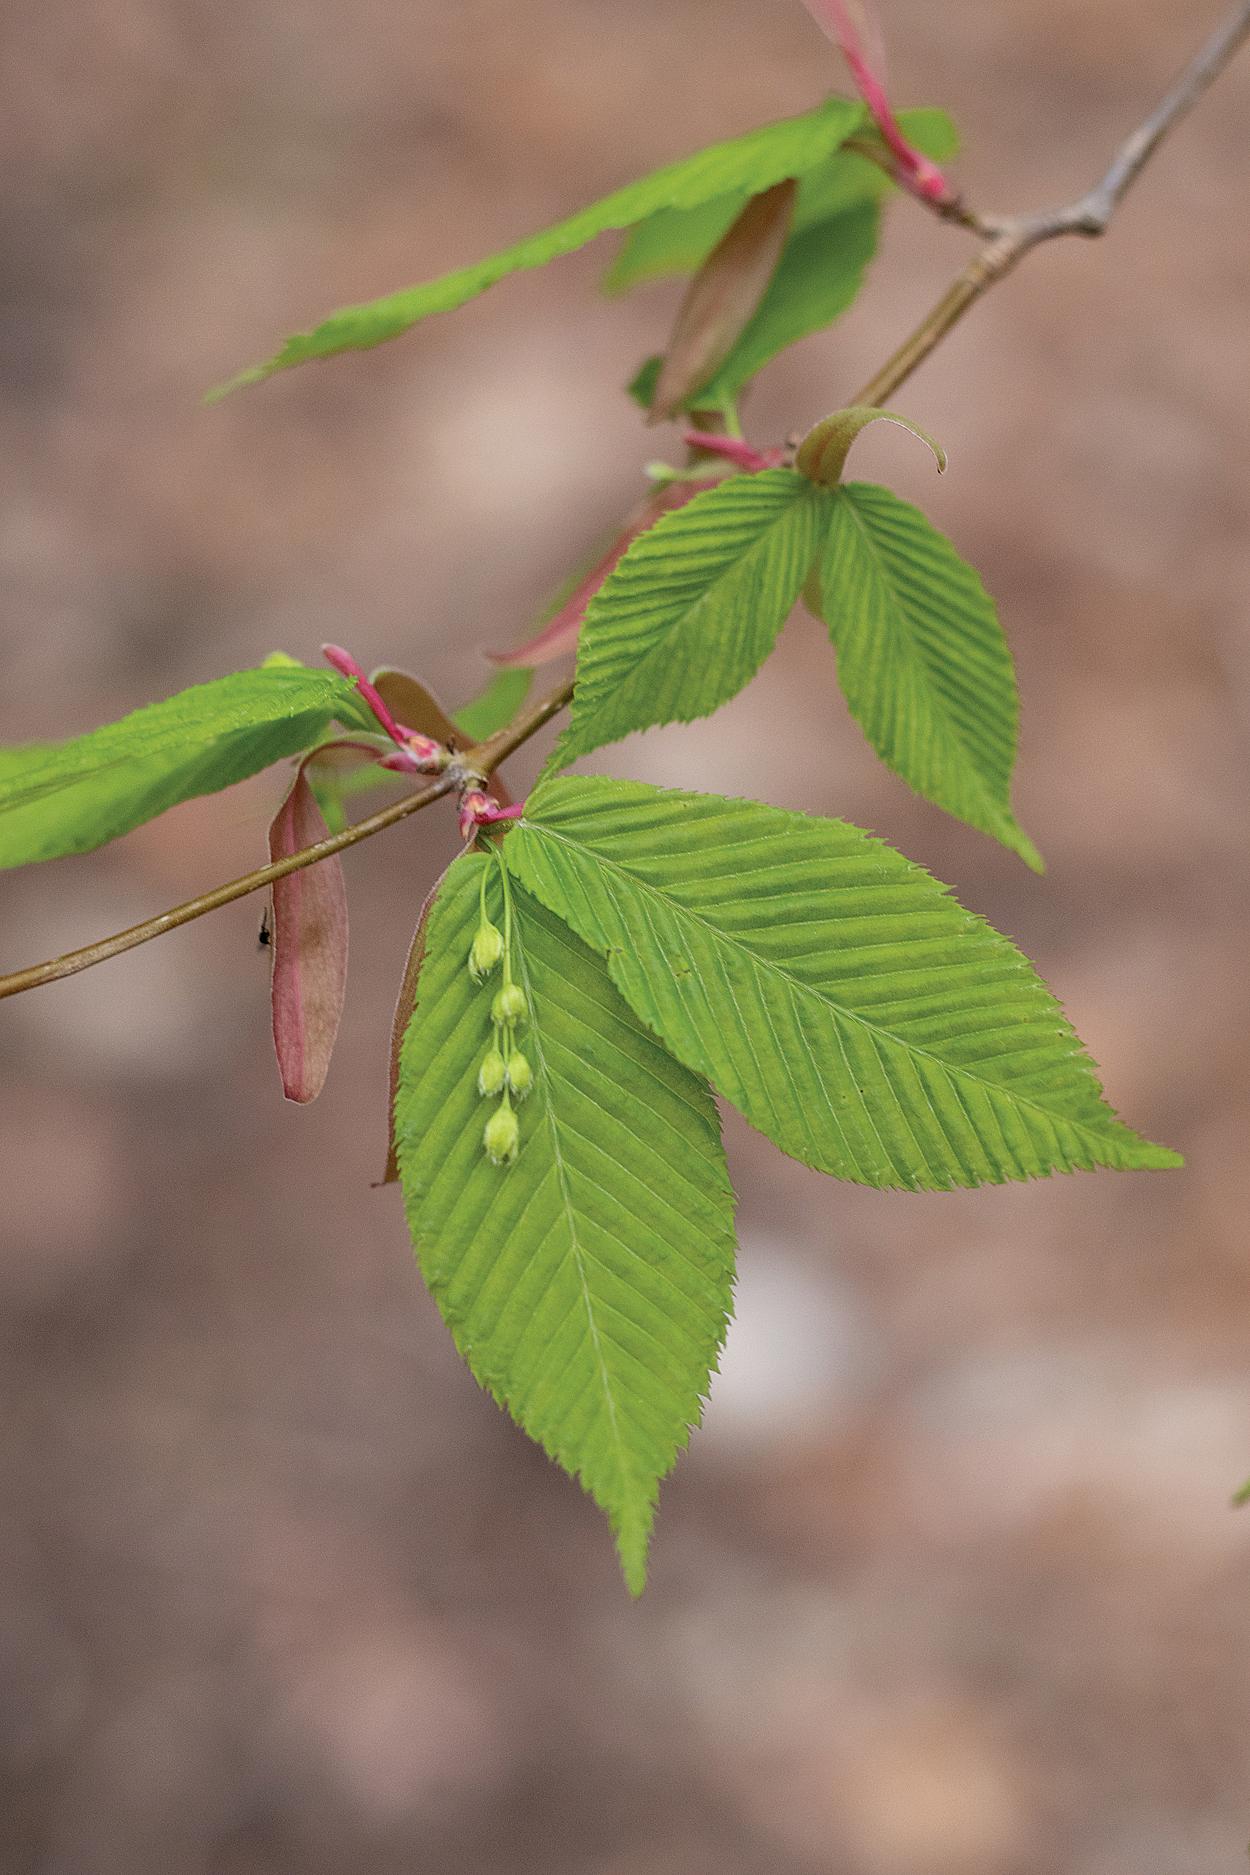 Flowers and emerging leaves of hornbeam maple